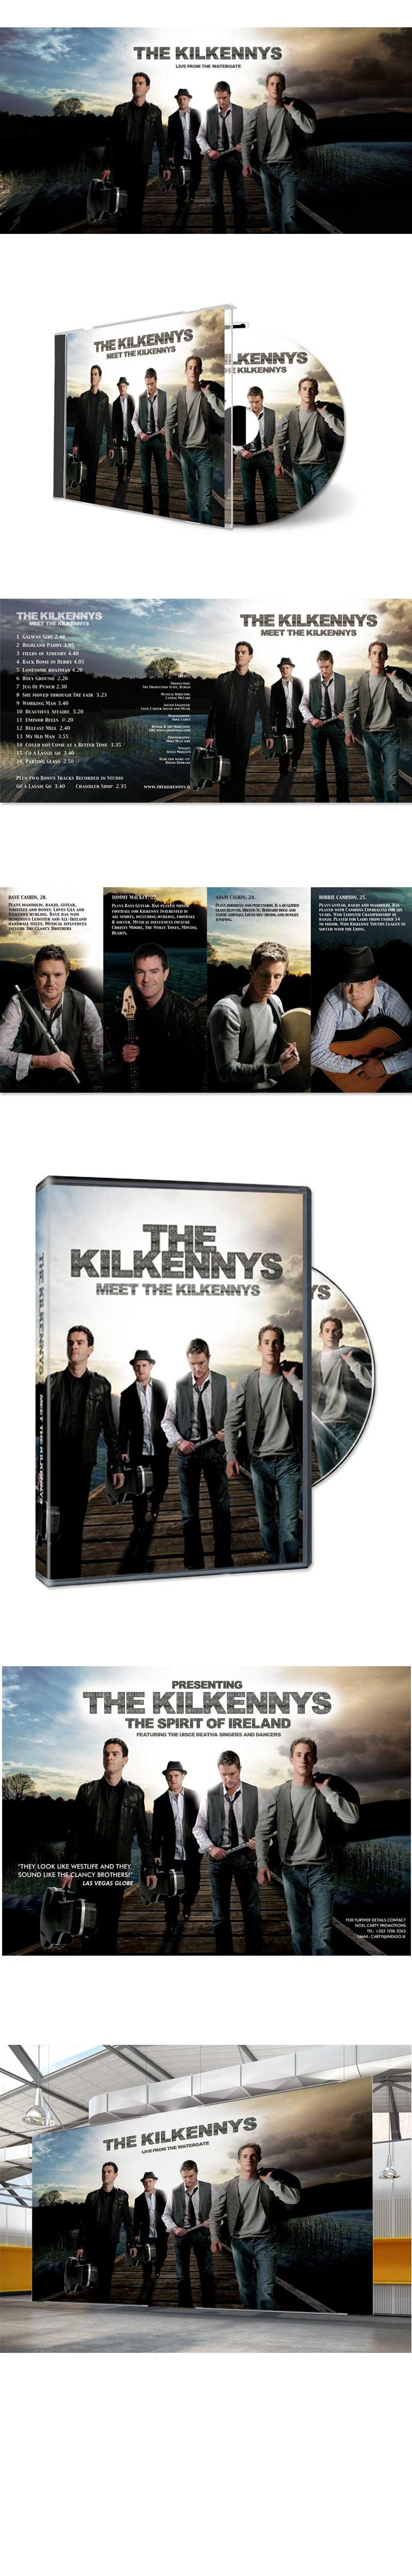 the kilkennys trad music album design